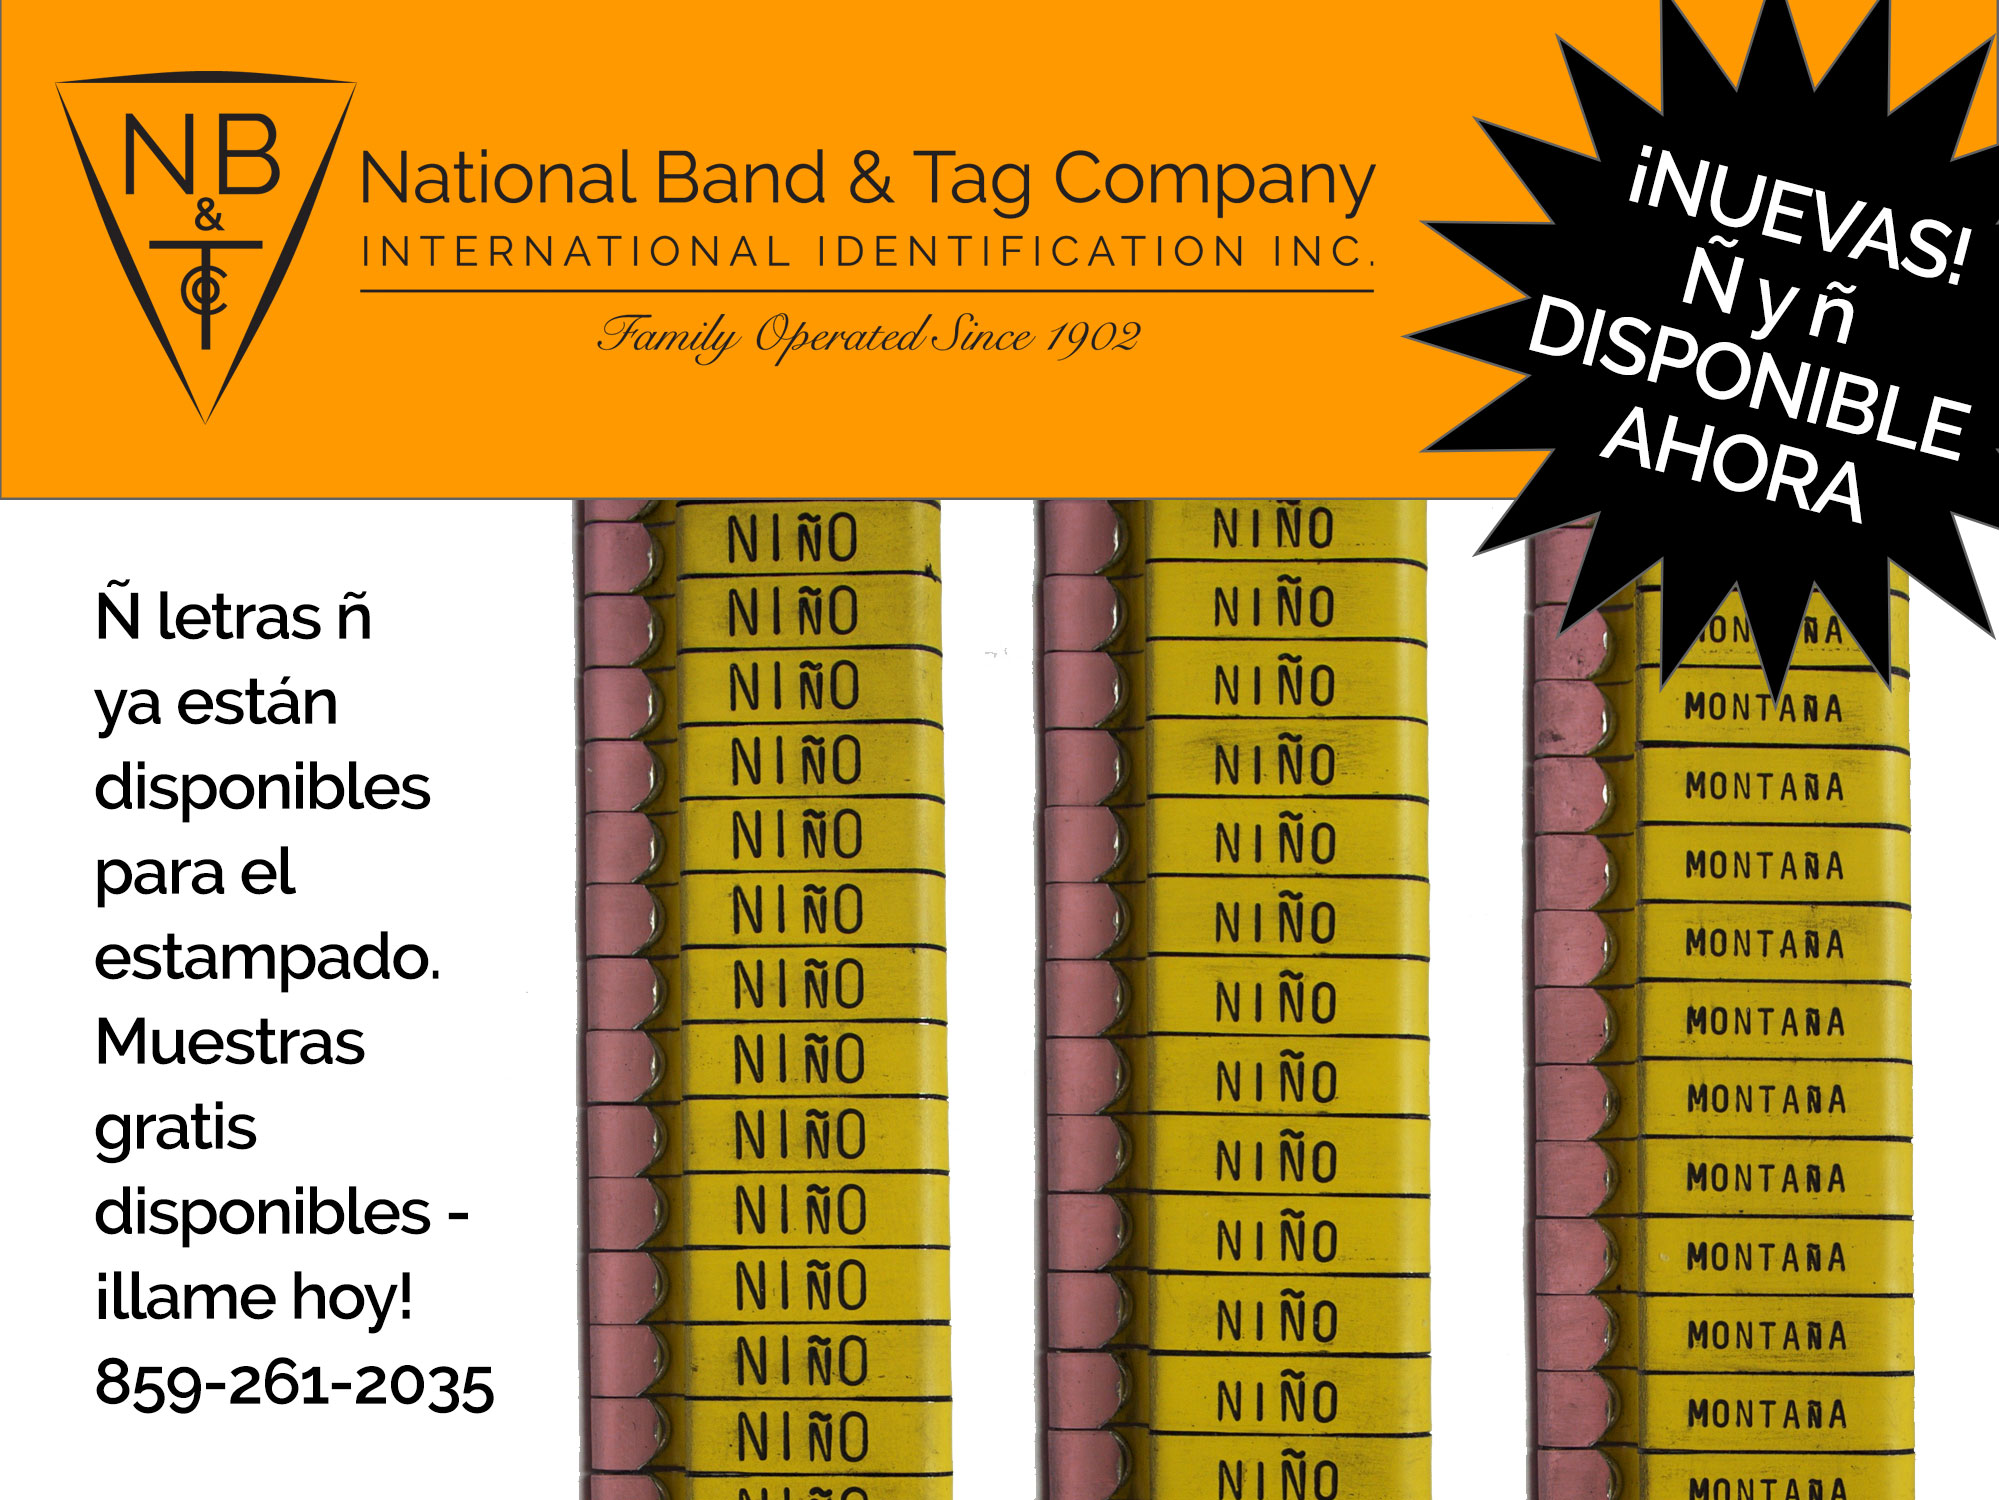 Wing Band Bands - National Band and Tag Company